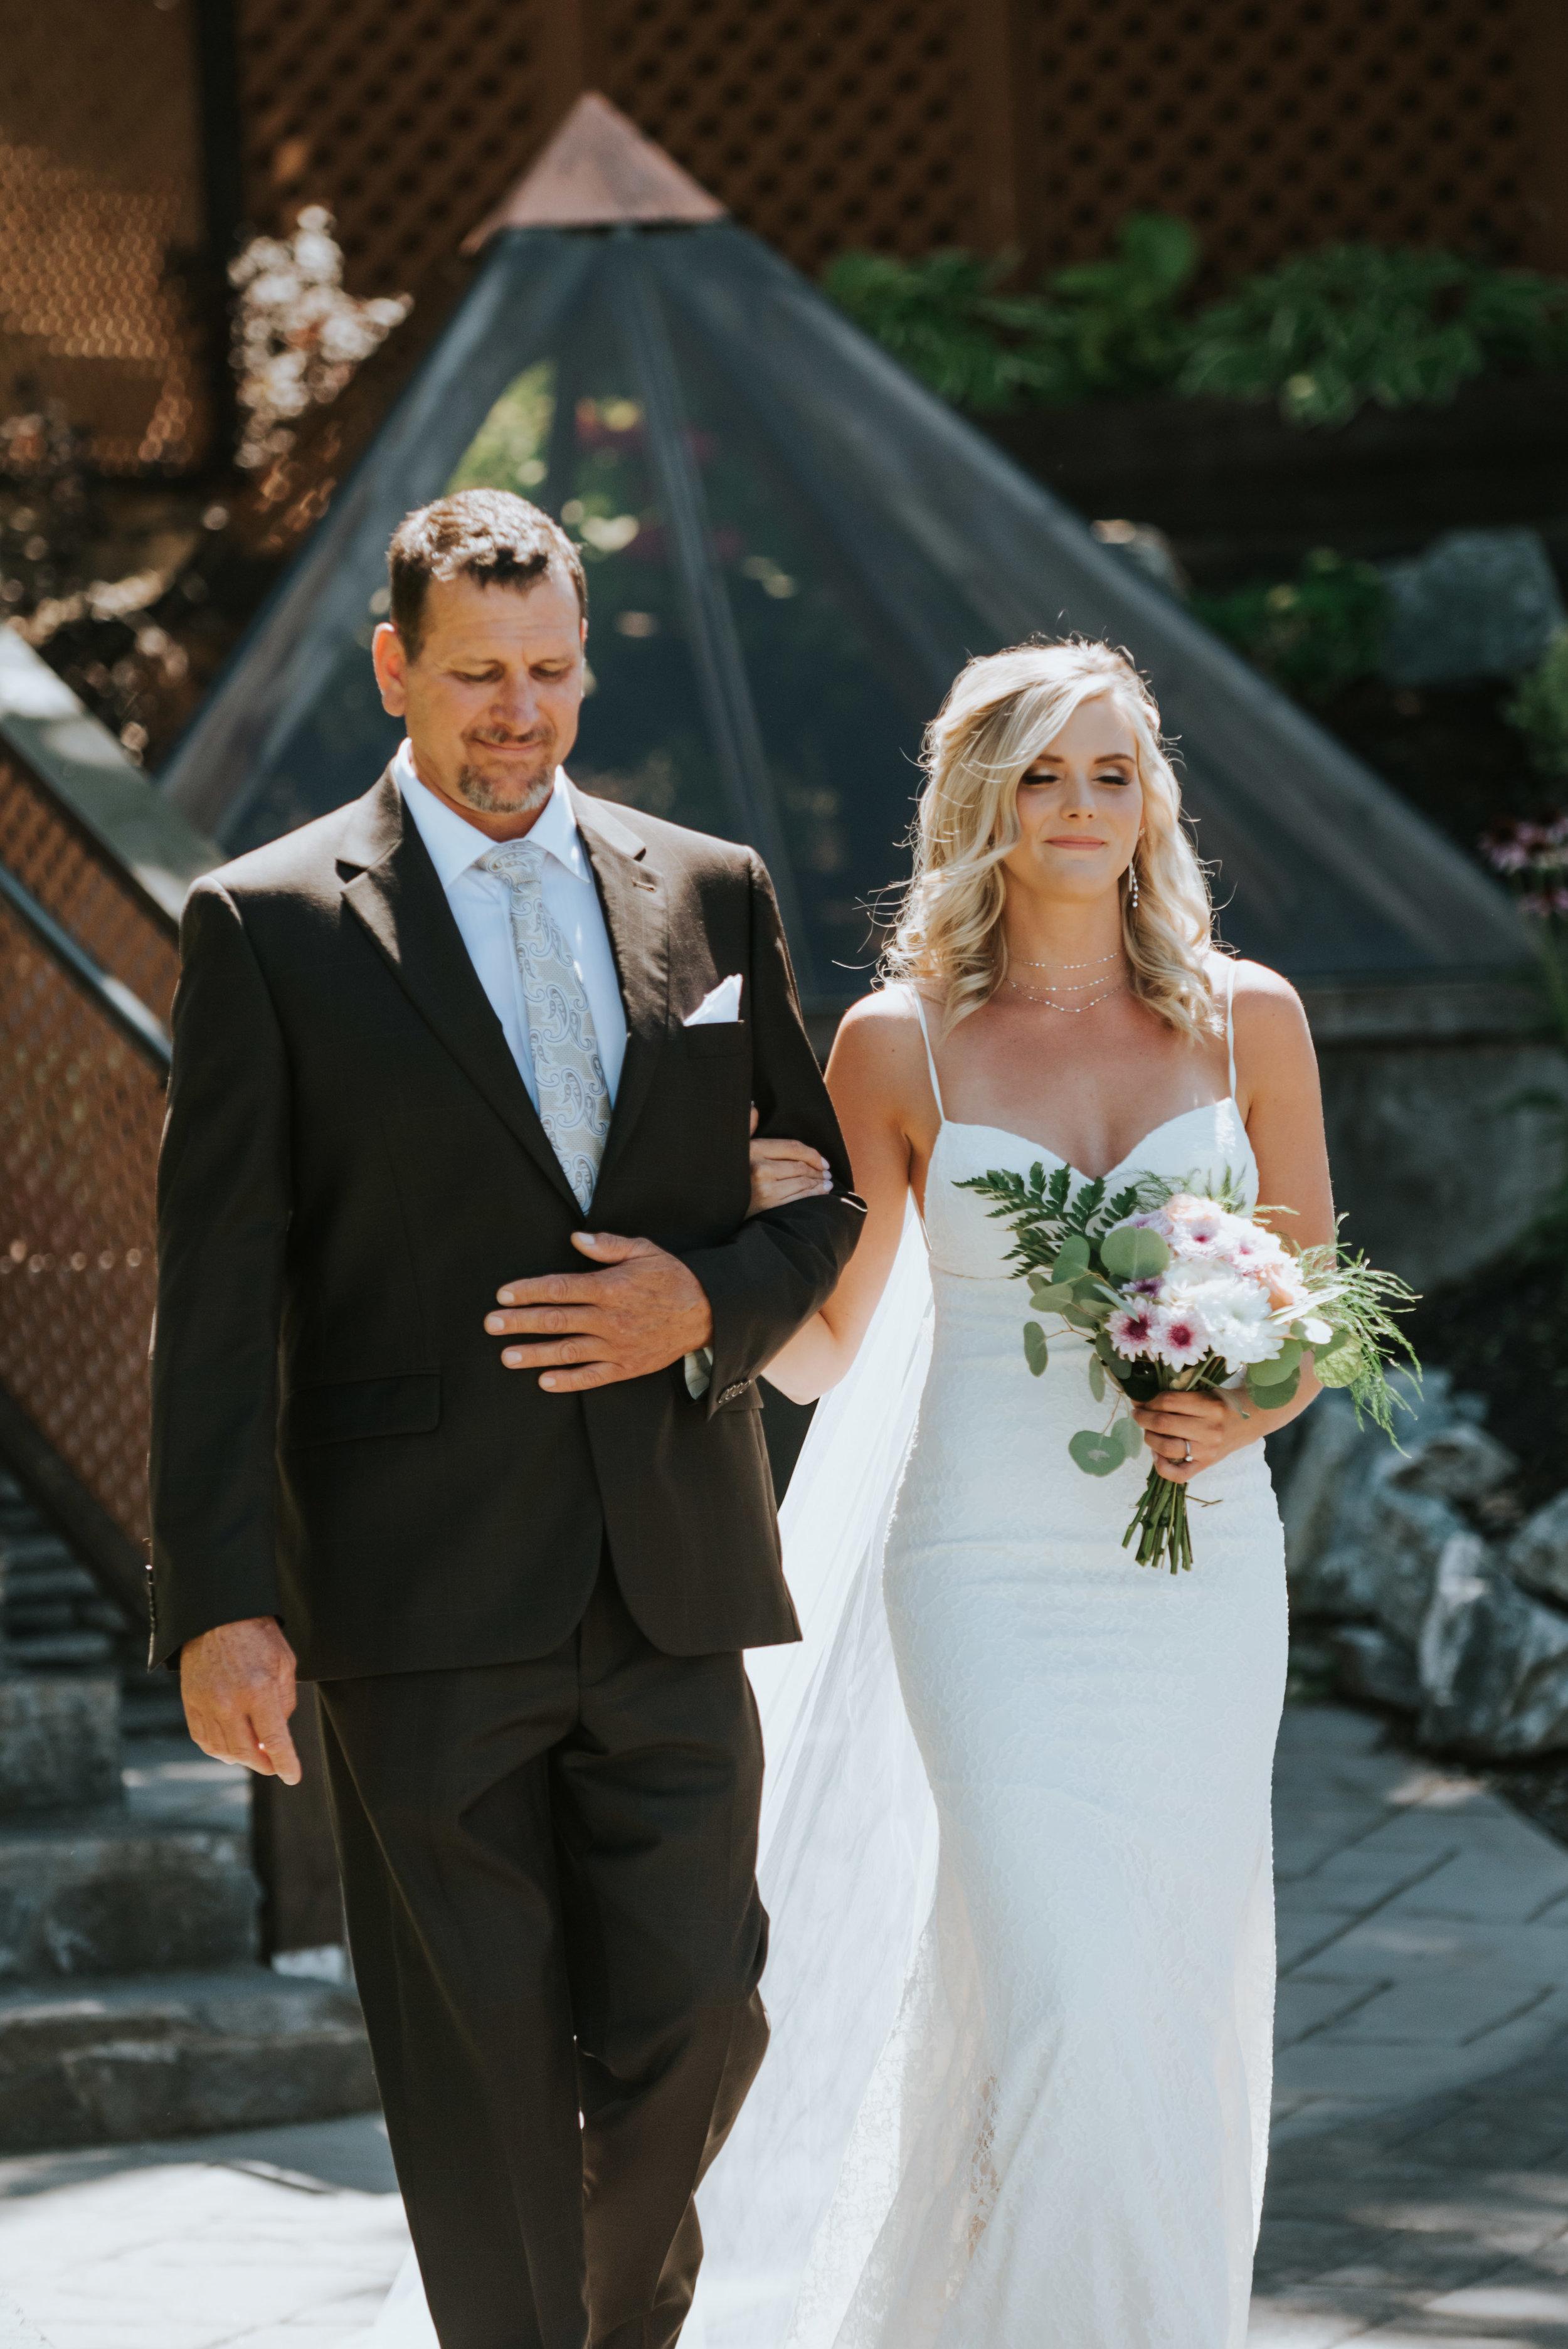 Bryan and Kaylee Kelowna-23.jpg